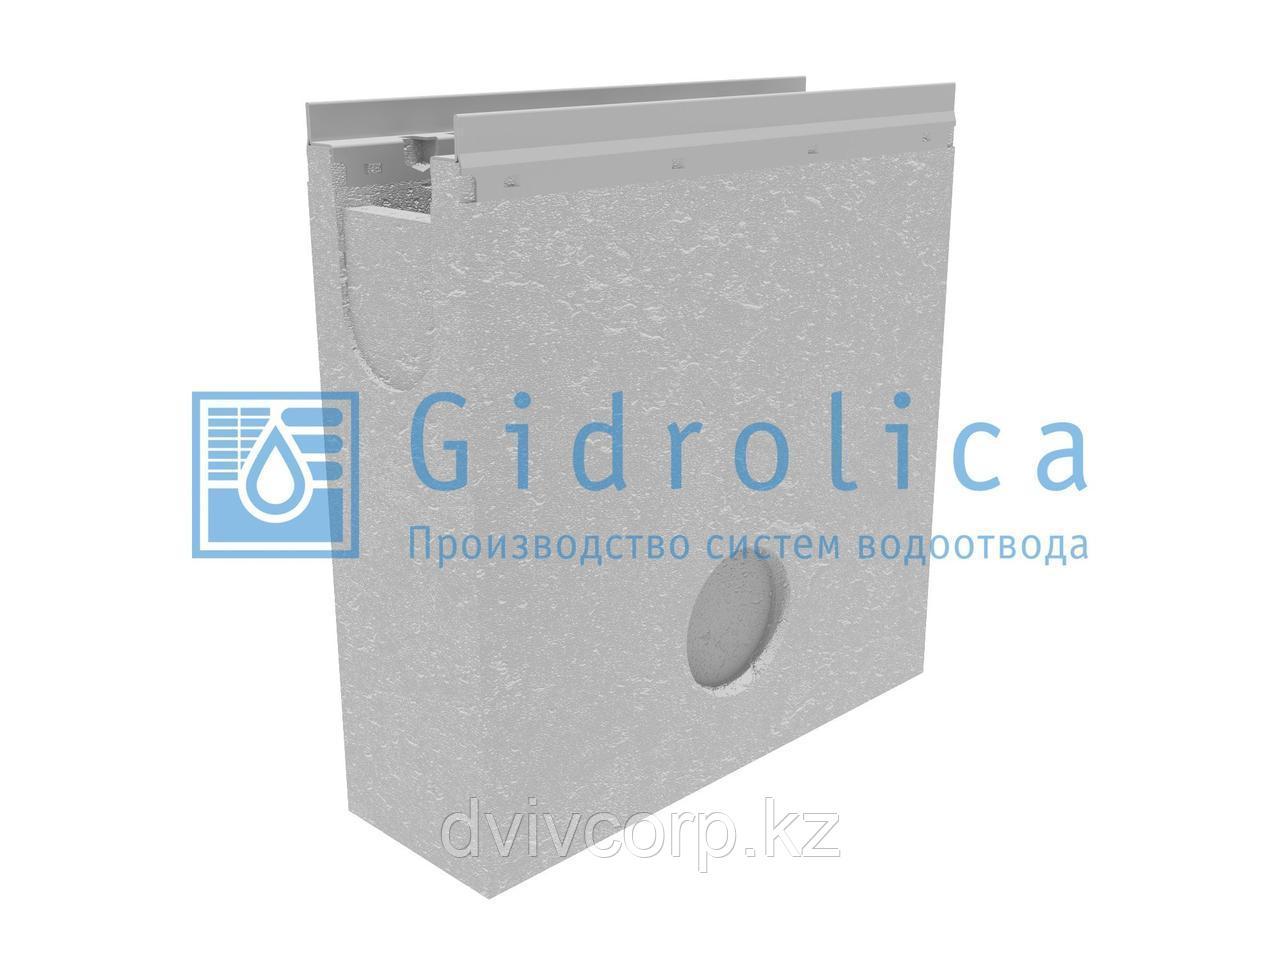 Пескоулавливающий колодец бетонный  (СО-100мм), односекционный,  с оцинкованной насадкой ПКП 50.16,3